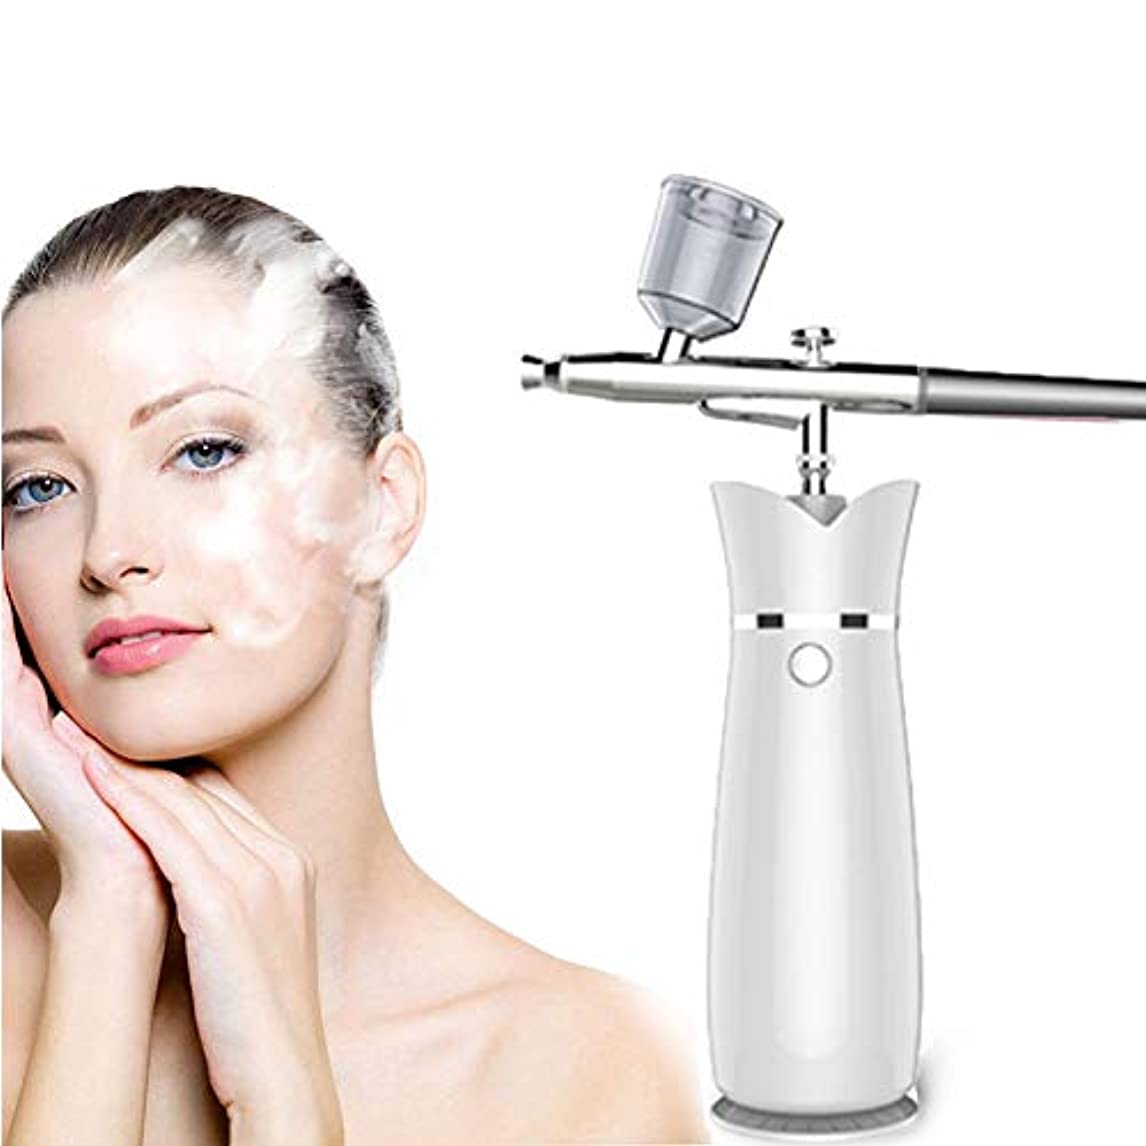 白内障空洞理論ポータブルナノミスト噴霧器顔面酸素水注入機顔を保湿するスキンケアツール酸素水注入機を白くするためのナノ水和スパマシンwhite